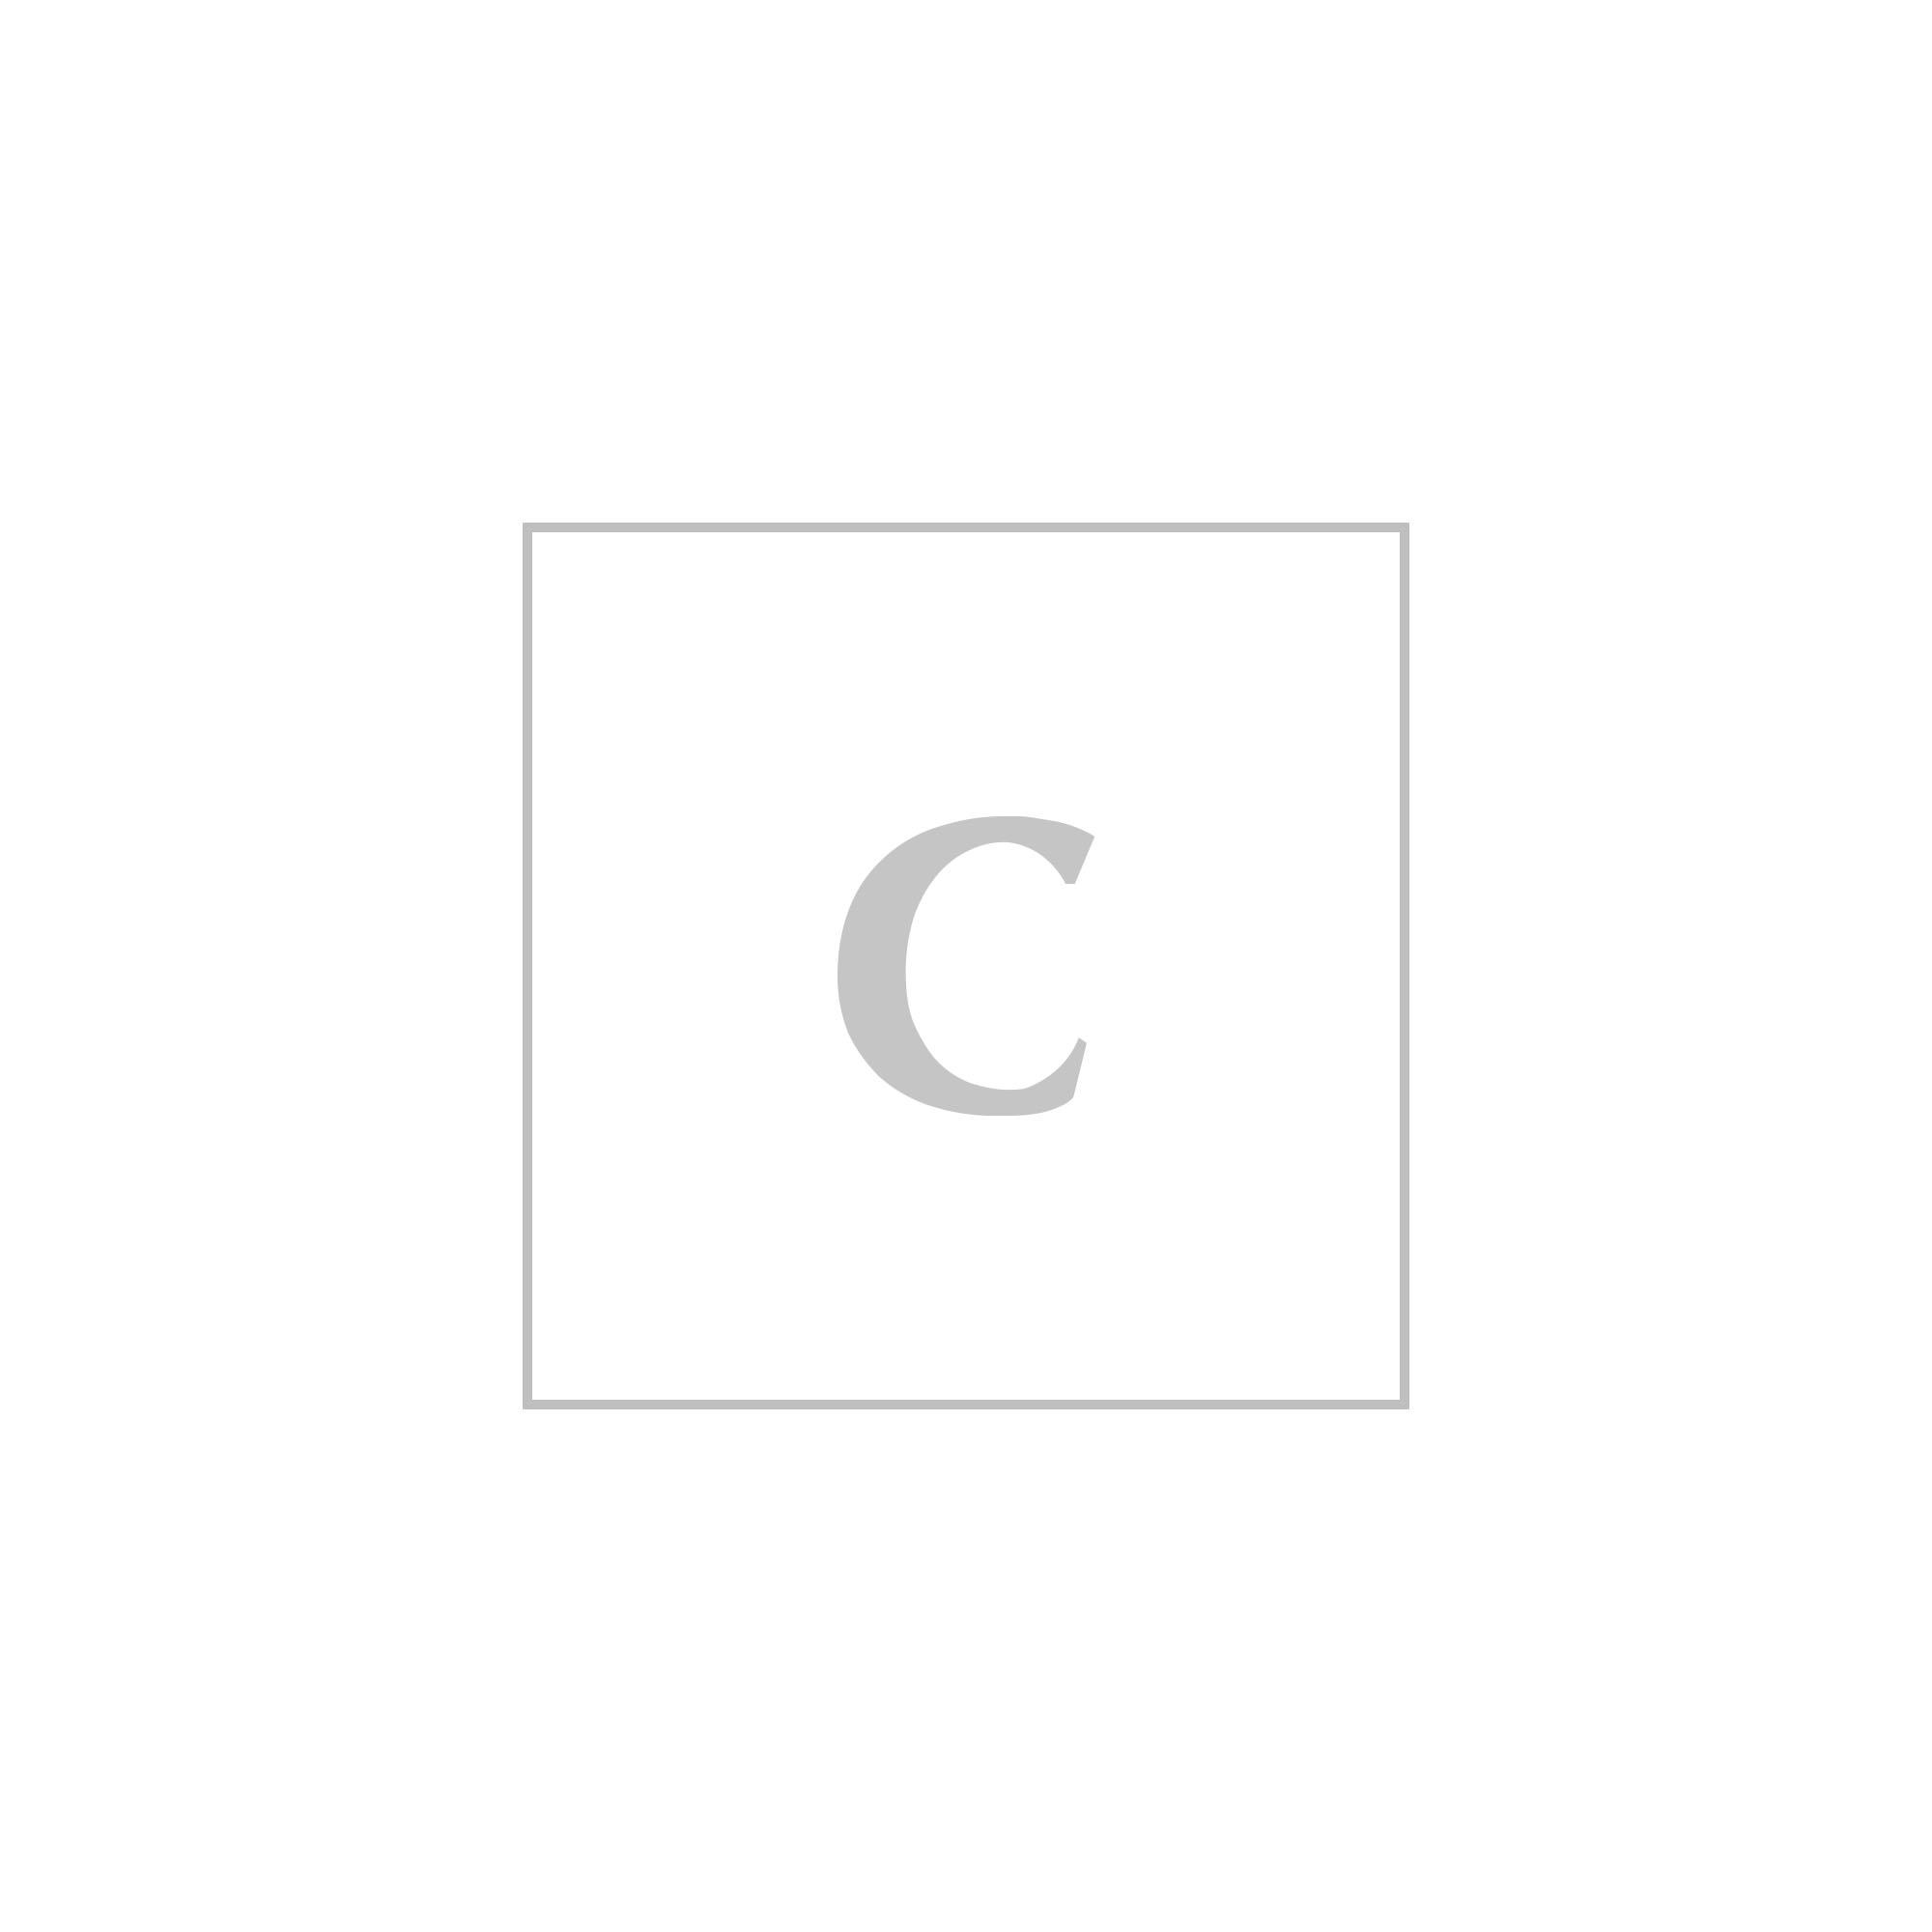 Stella mccartney borsa falabella cross body con borchie